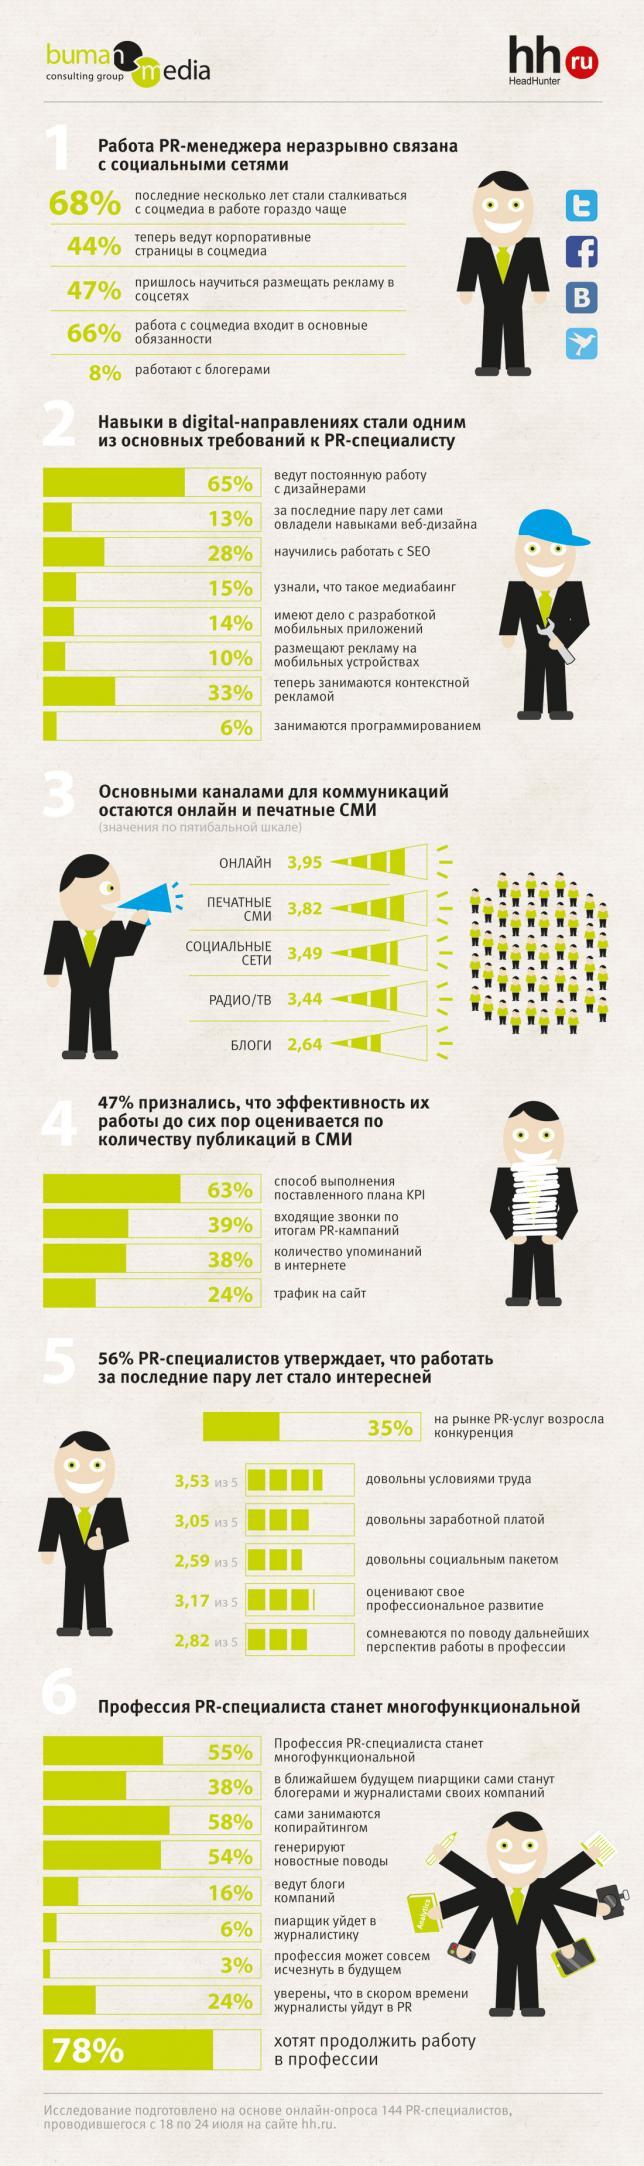 Ко Дню PR-специалиста, который отмечается в России 28 июля, Buman Media совместно с HeadHunter подготовили исследование, выявляющее основные тренды профессии.